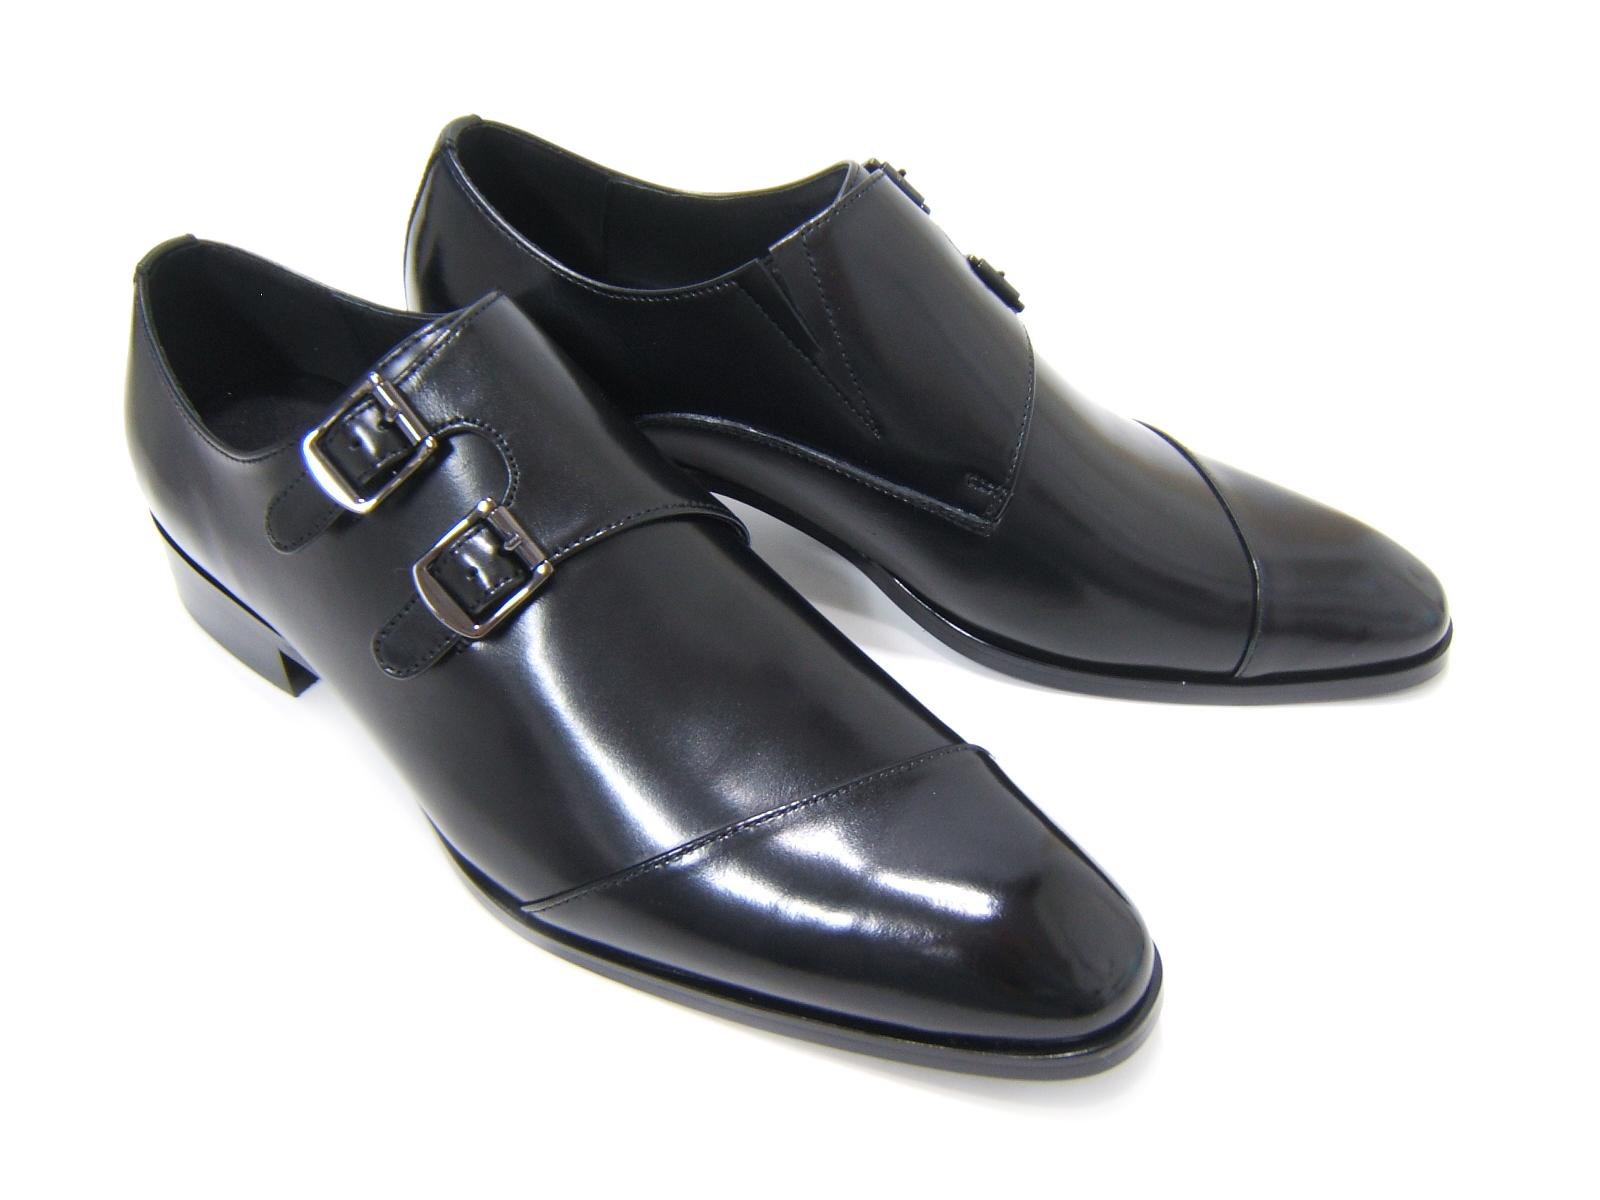 パーティーや結婚式♪艶やかで華がある足元を演出!フランコ ルッチ トラディショナル/FRANCO LUZ TRADITIONAL TH-57 ブラック 紳士靴 変形ストレートチップ モンクストラップ 送料無料